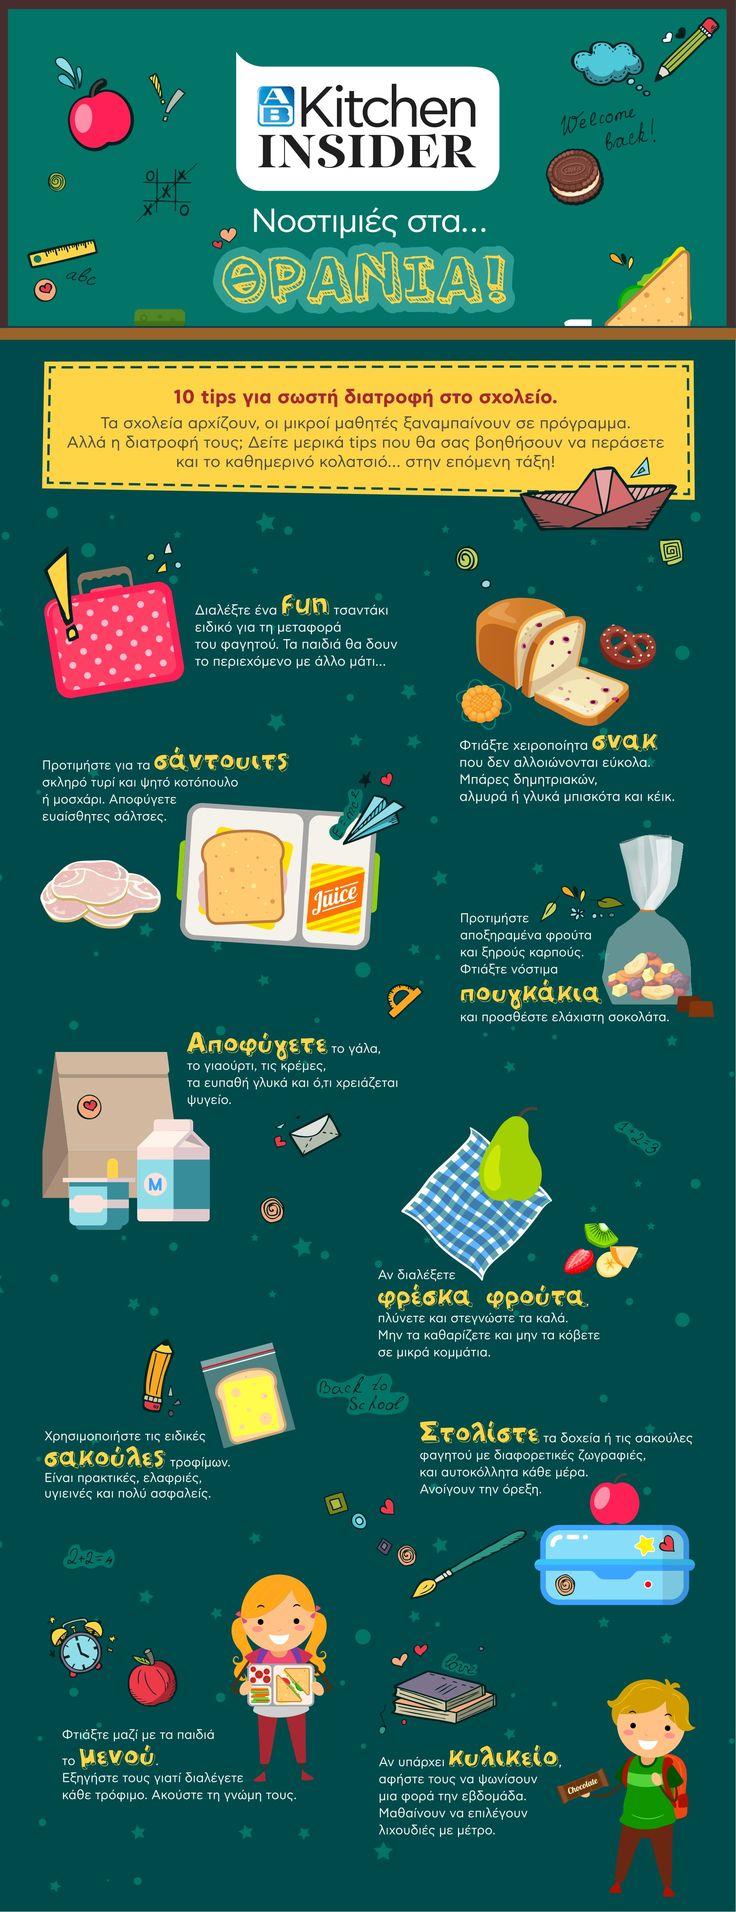 Επιστροφή στα θρανία… και κάθε κατεργάρης στον πάγκο του! To AB Kitchen Insider «λύνει τα χέρια» στις μαμάδες με 10 tips για σωστή διατροφή στο σχολείο!